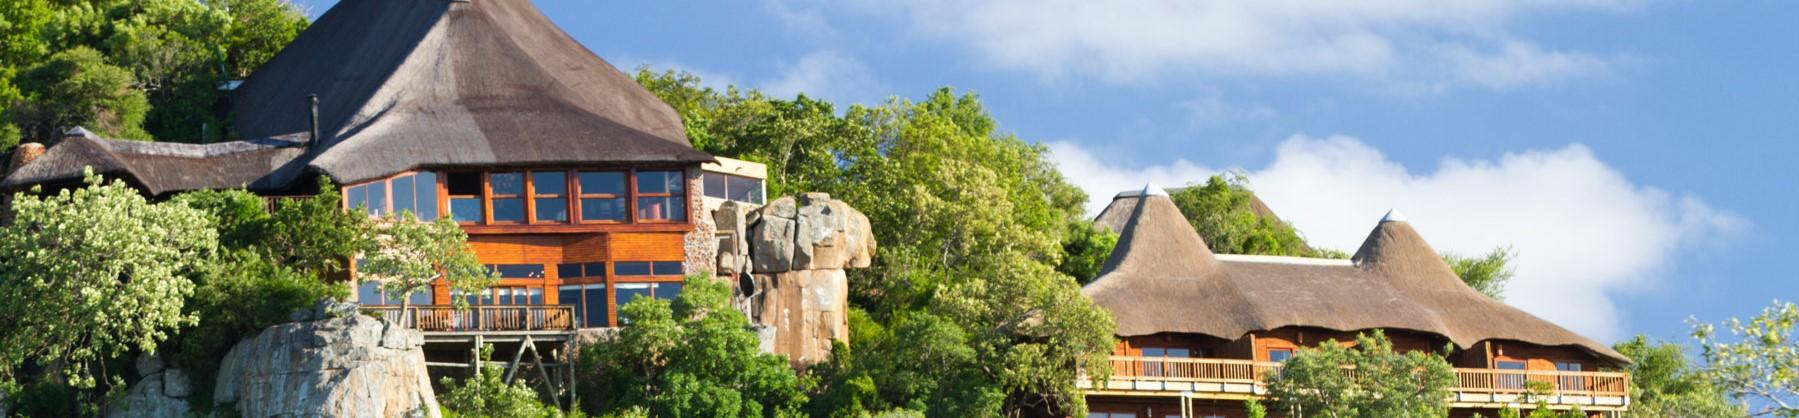 Ulusaba Rock Lodge Exteriors1